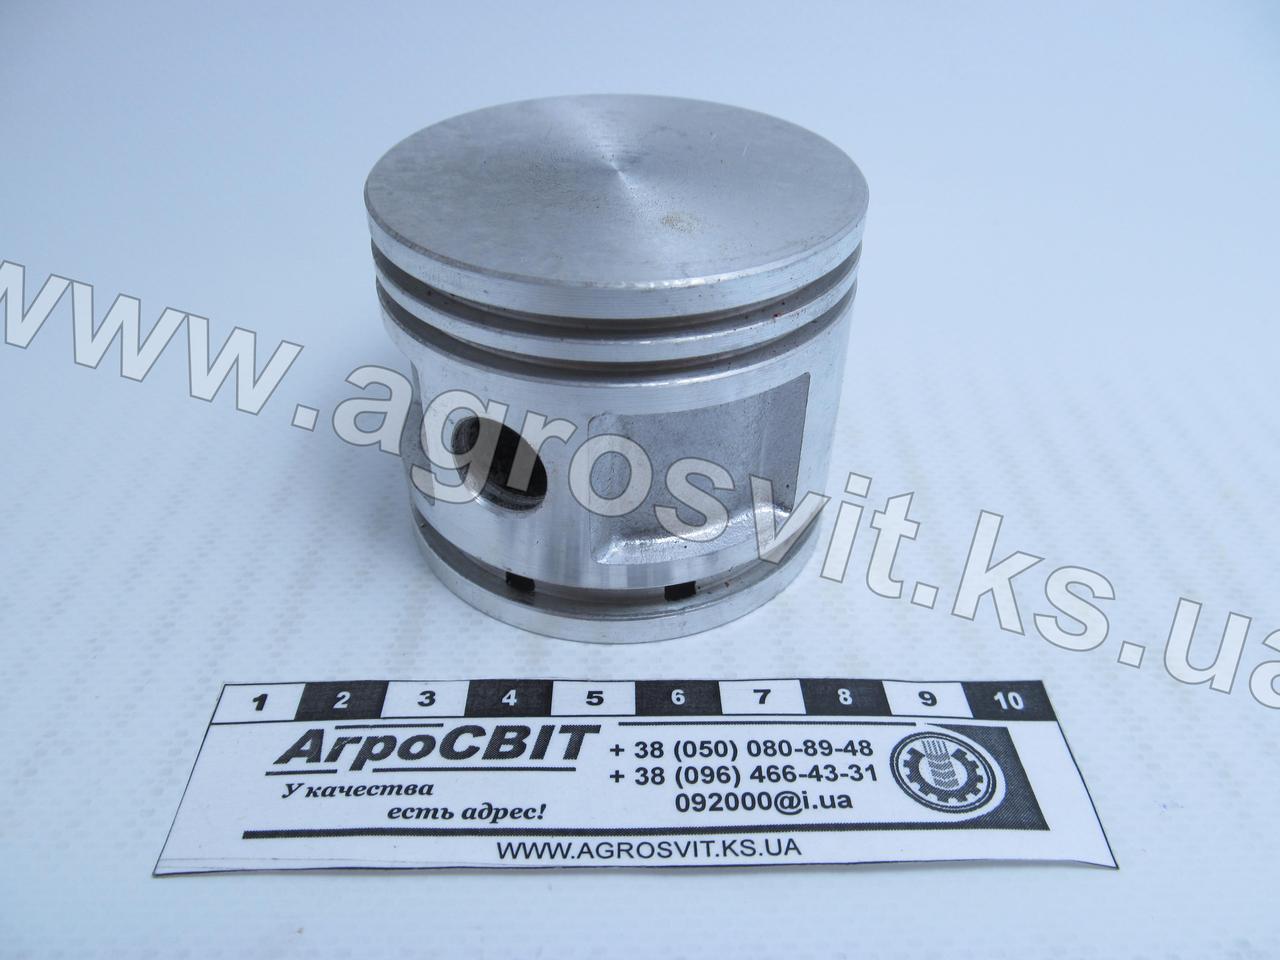 Поршень компрессора КамАЗ, Т-150, ЗИЛ (Н), каталожный № 5320-3509160